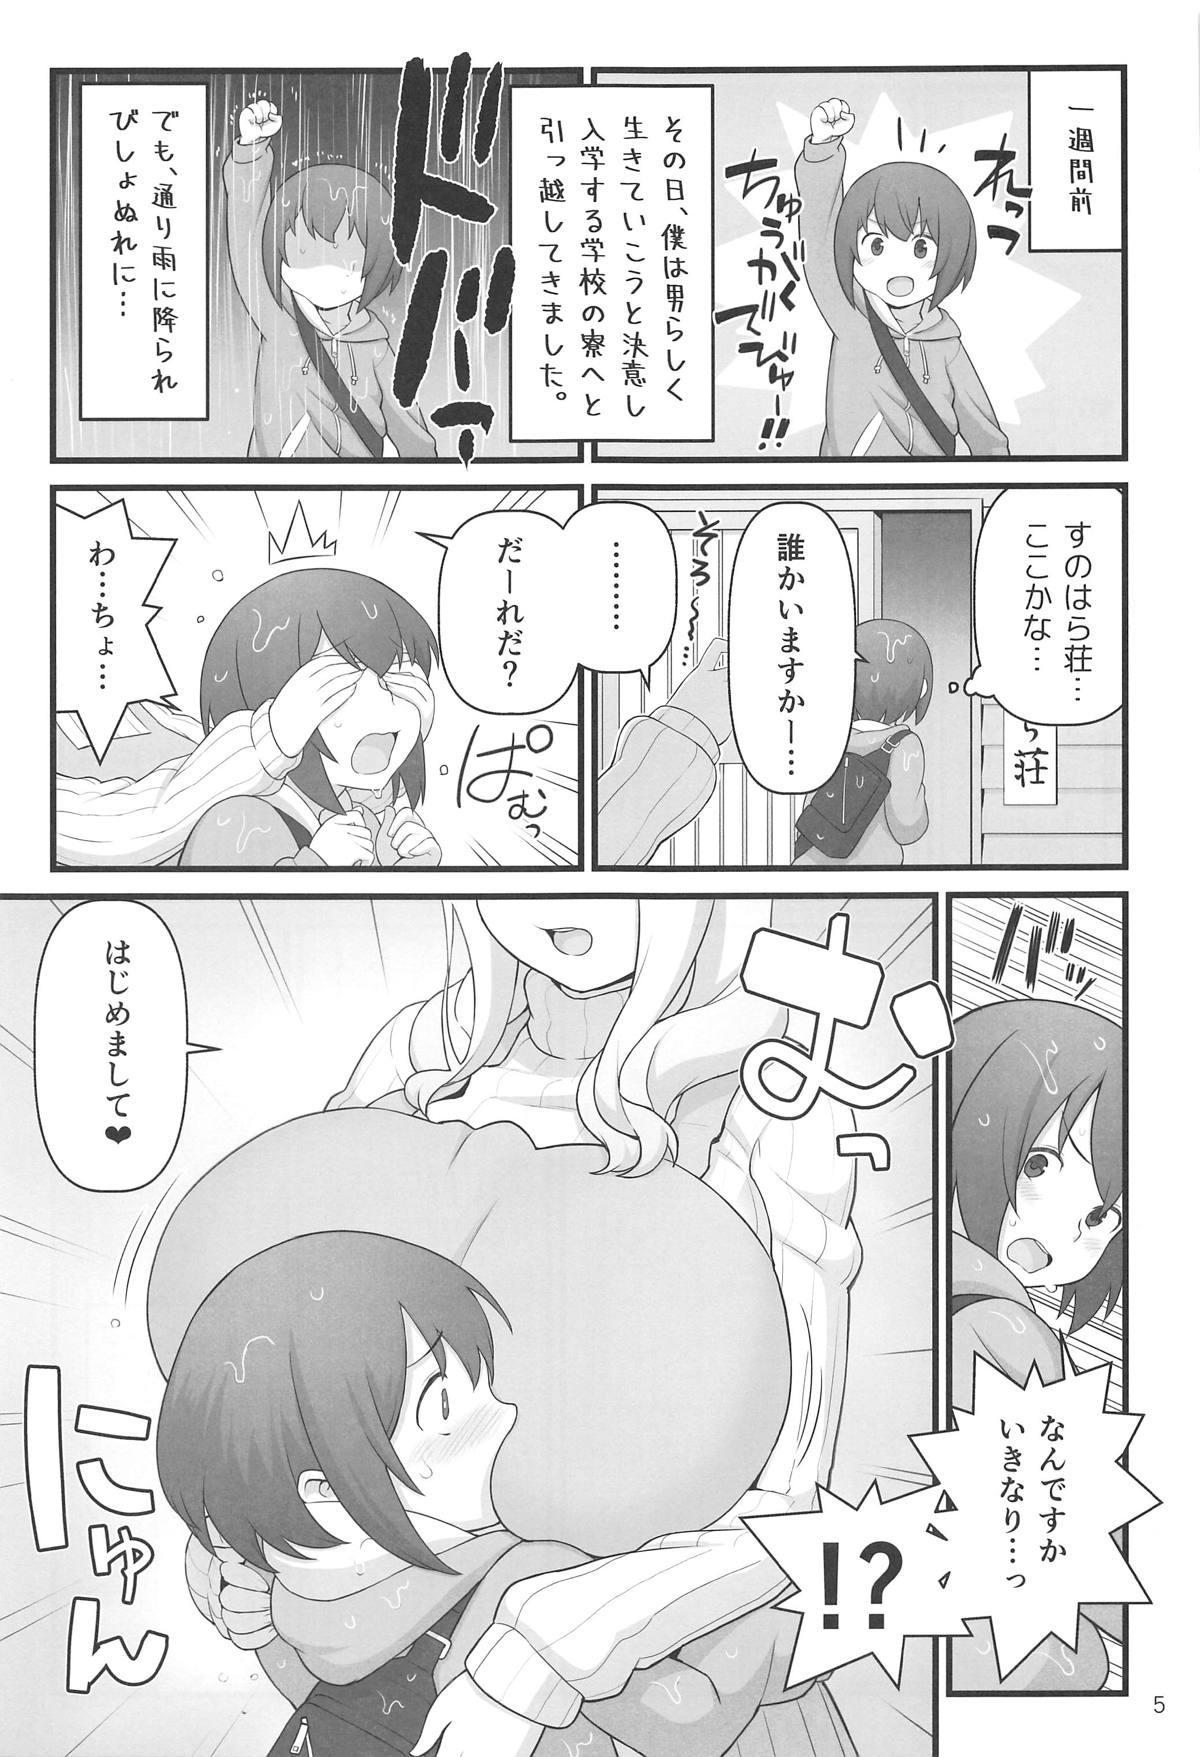 Akkun no Nikkichou 4